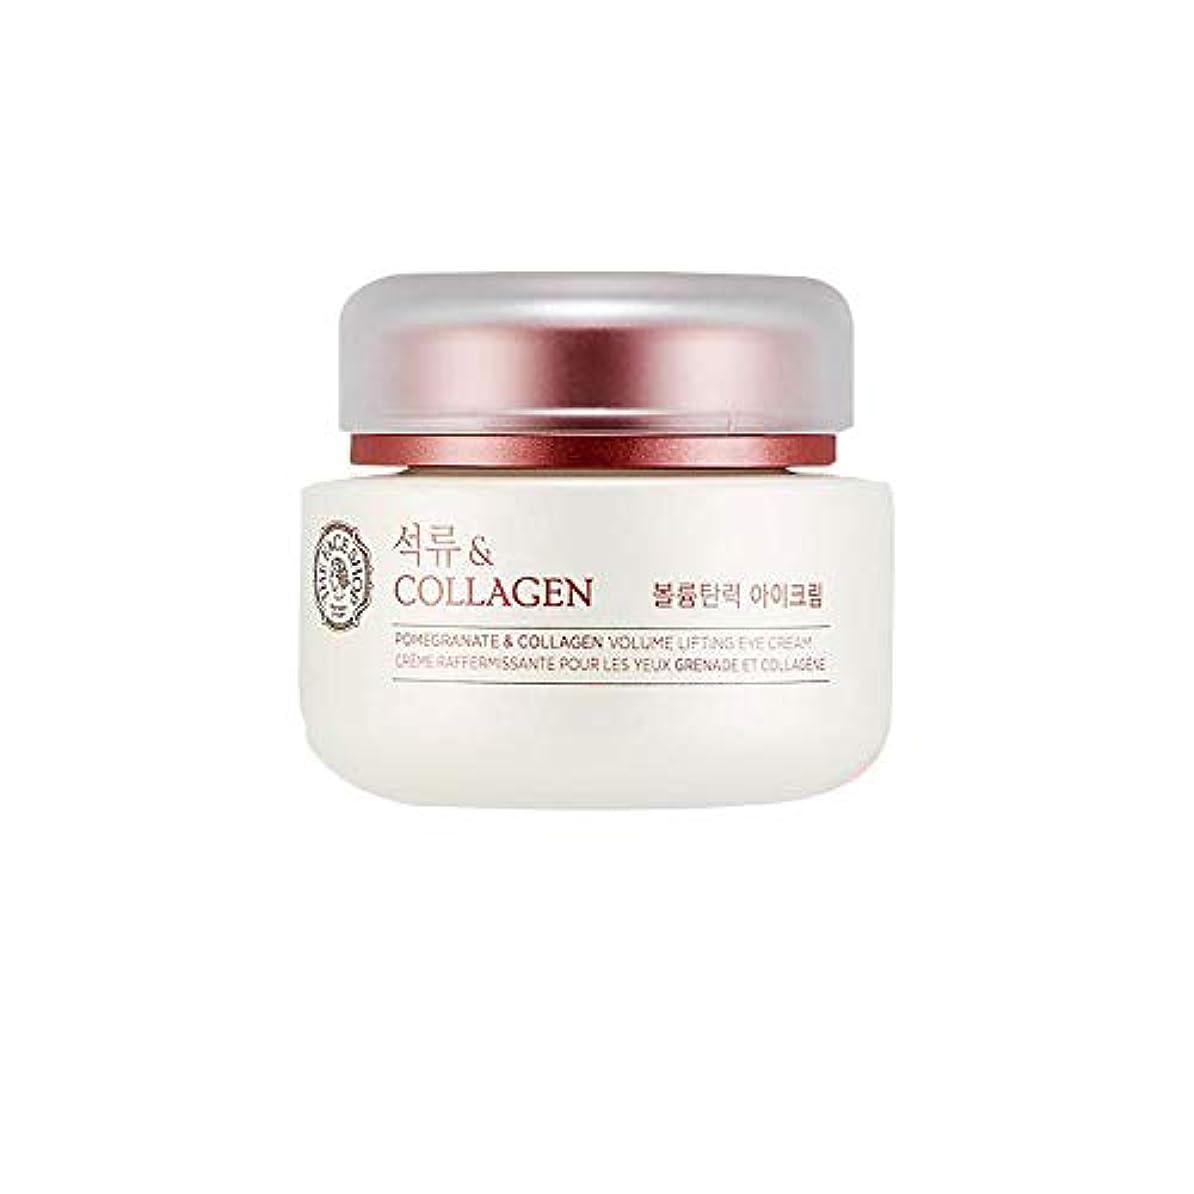 独裁時間とともに女の子[ザ·フェイスショップ]The Face Shop ザクロアンドコラーゲン弾力アイクリーム(50ml) The Face Shop Pomegranate & Collagen Lifting Eye Cream(50ml...